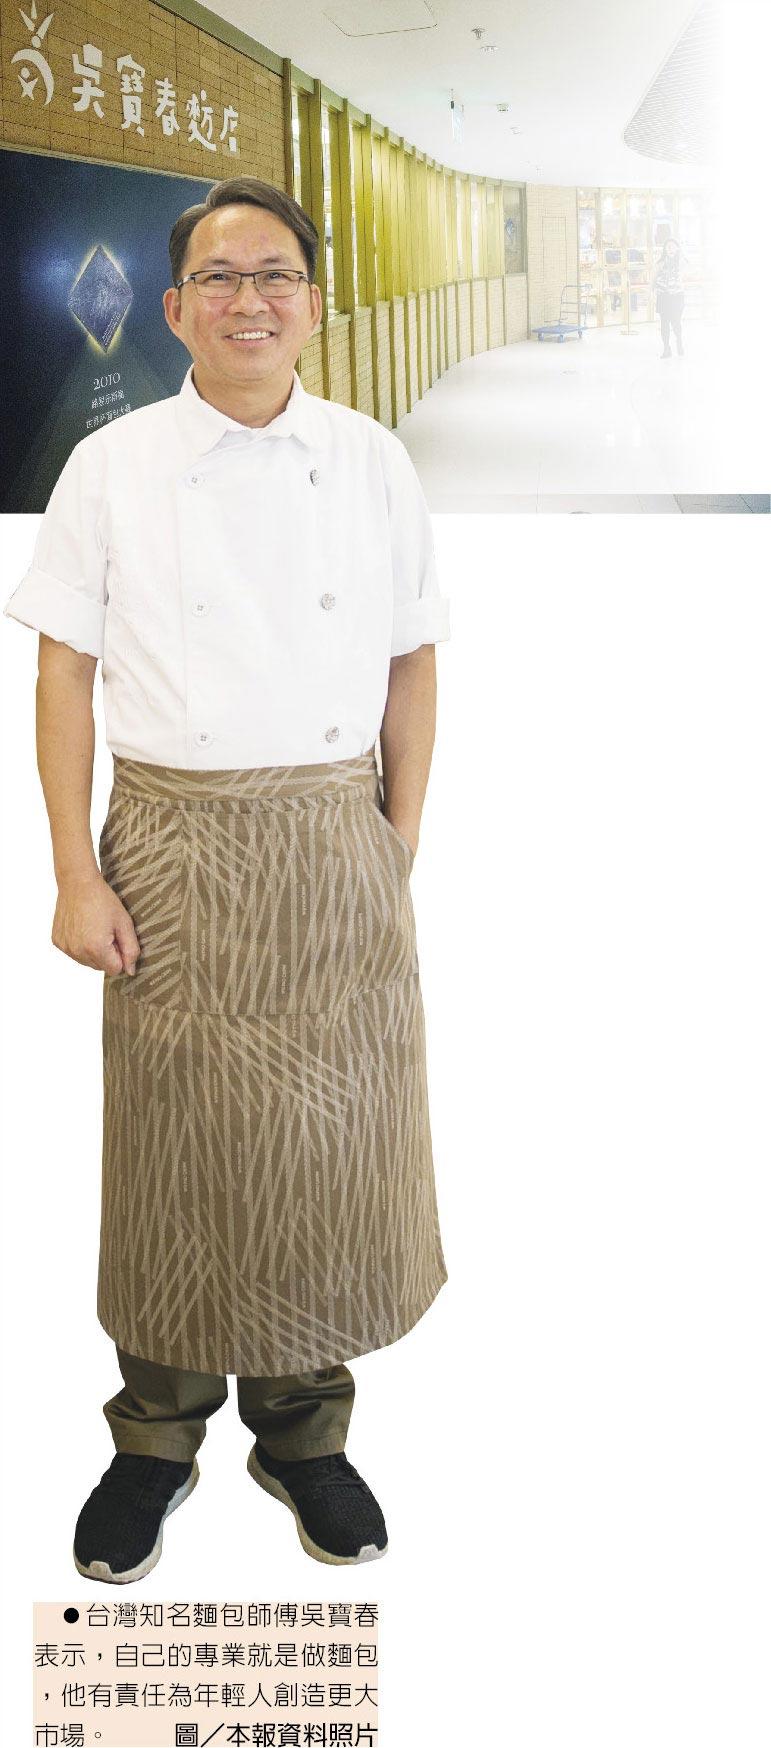 台灣知名麵包師傅吳寶春表示,自己的專業就是做麵包,他有責任為年輕人創造更大市場。圖/本報資料照片